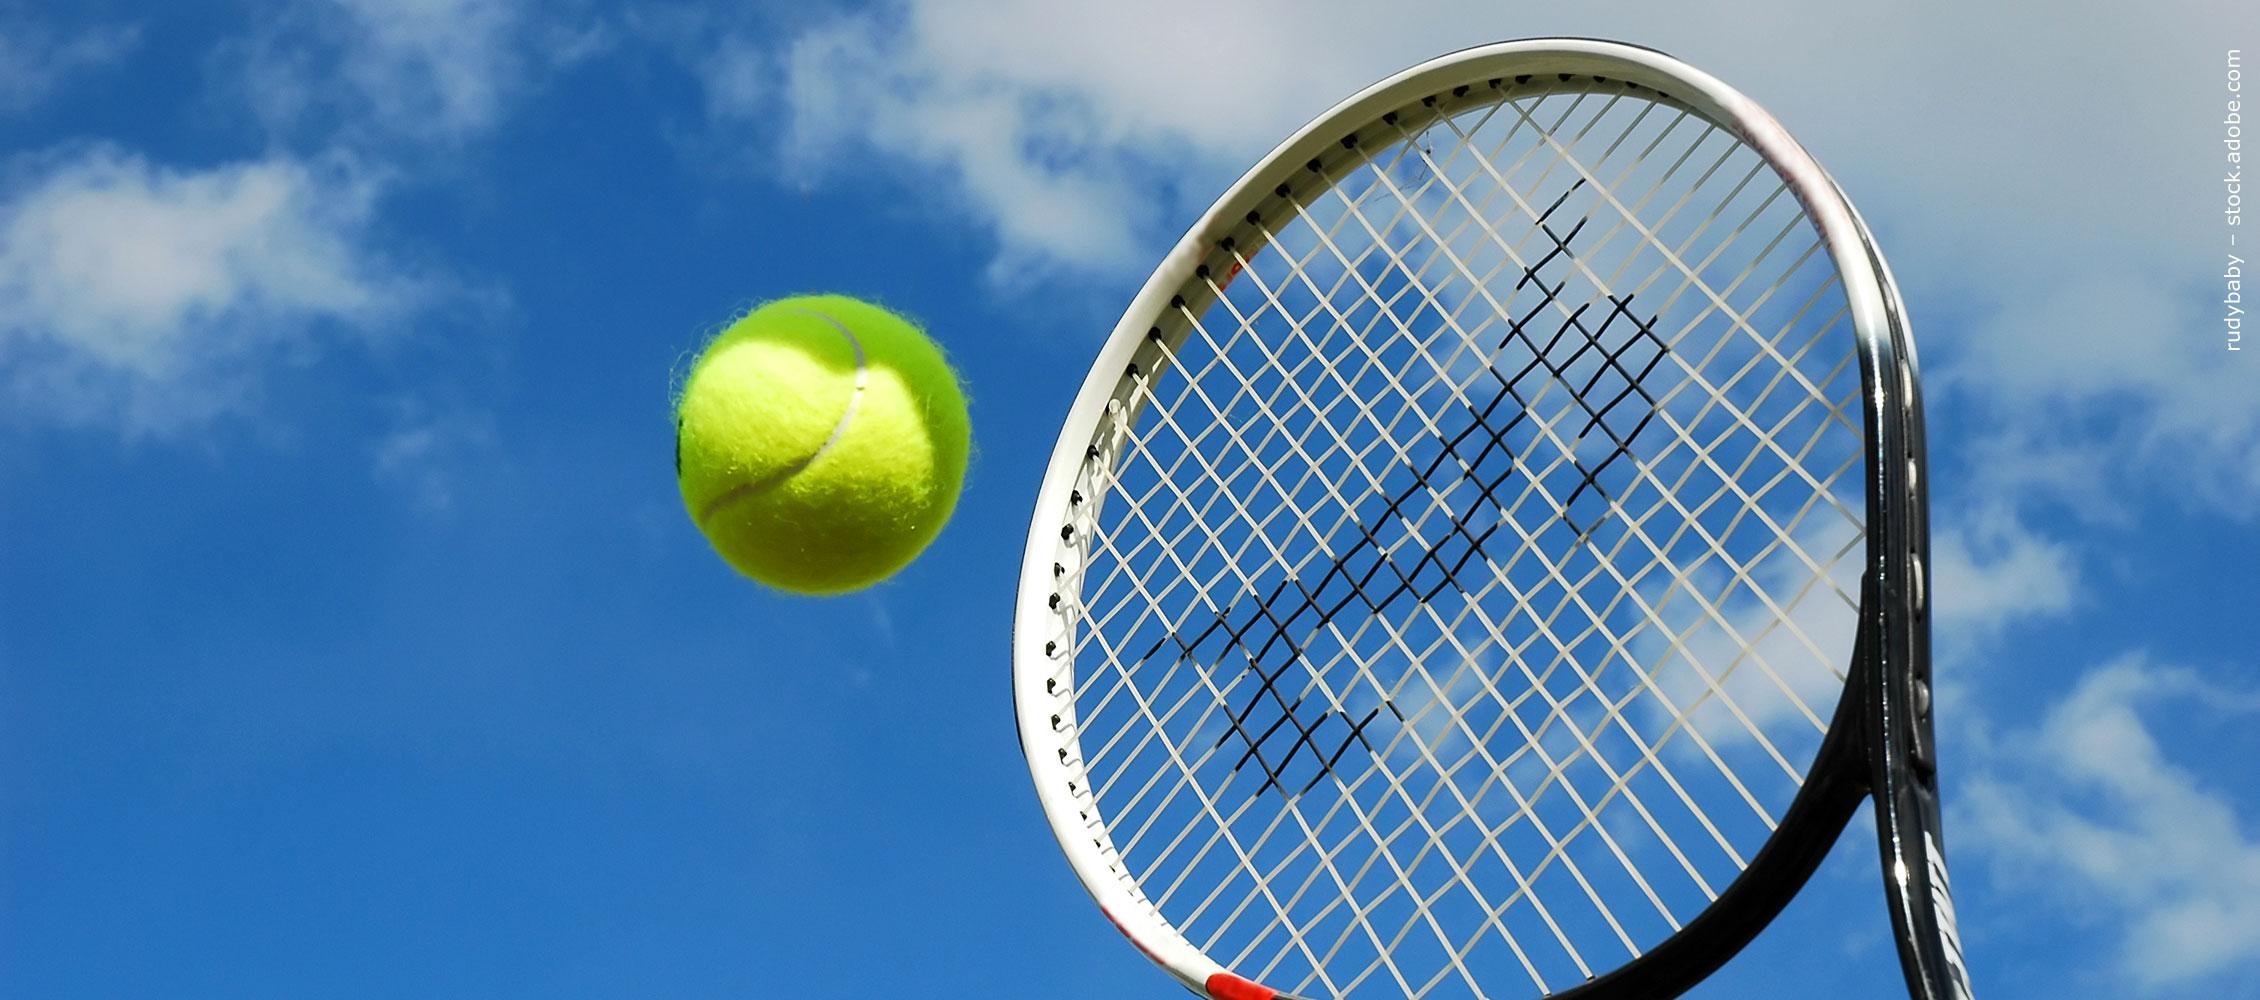 Zertifizierung und Partner Tennisschule in Franken